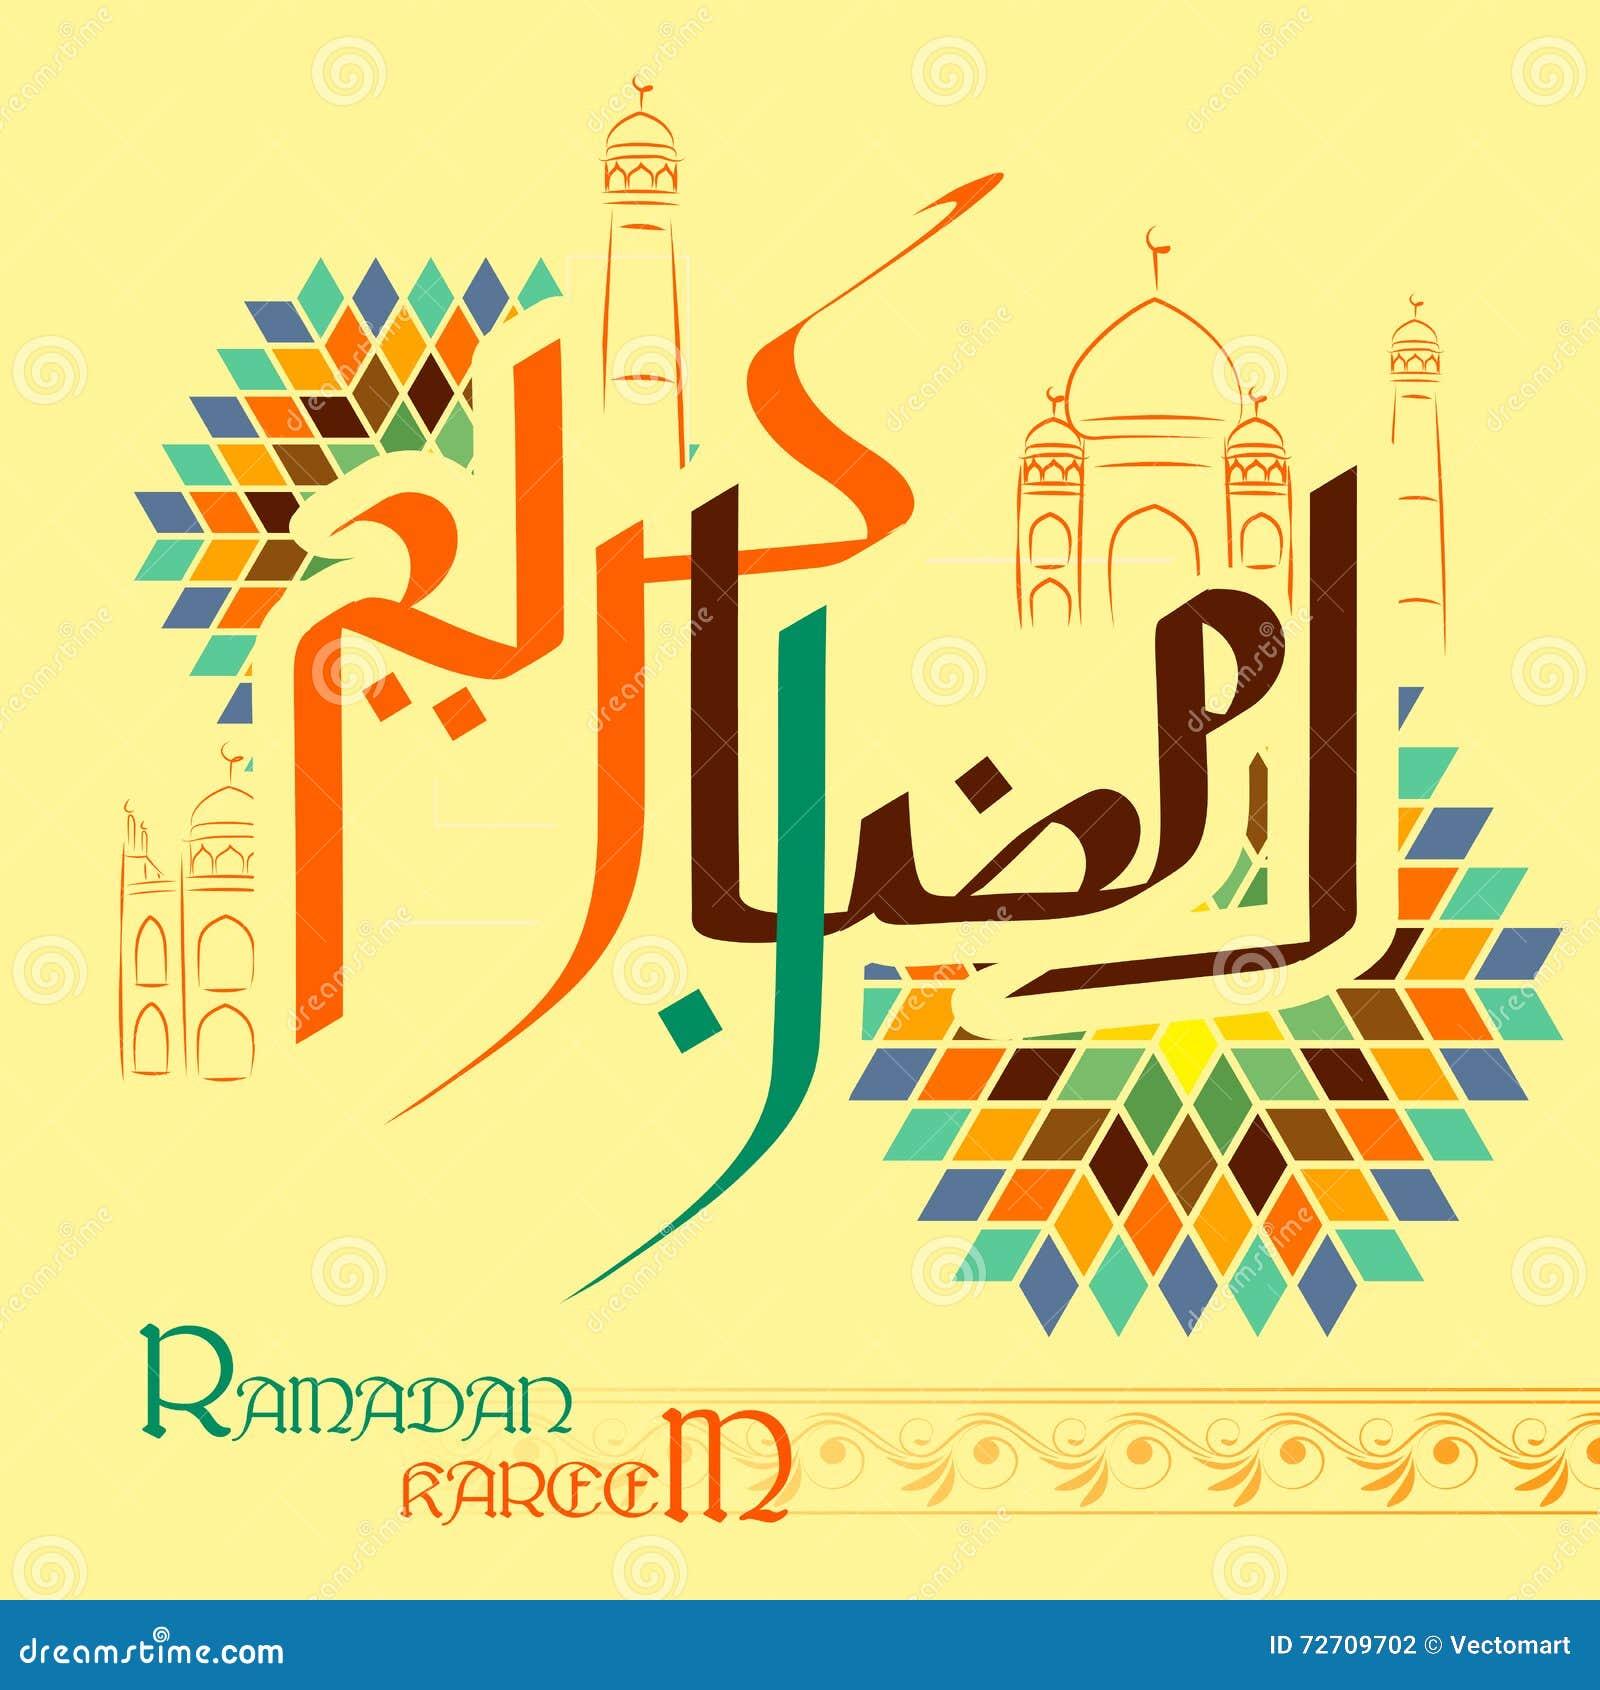 Ramadan Kareem Greetings In Arabic Freehand Calligraphy Stock Vector